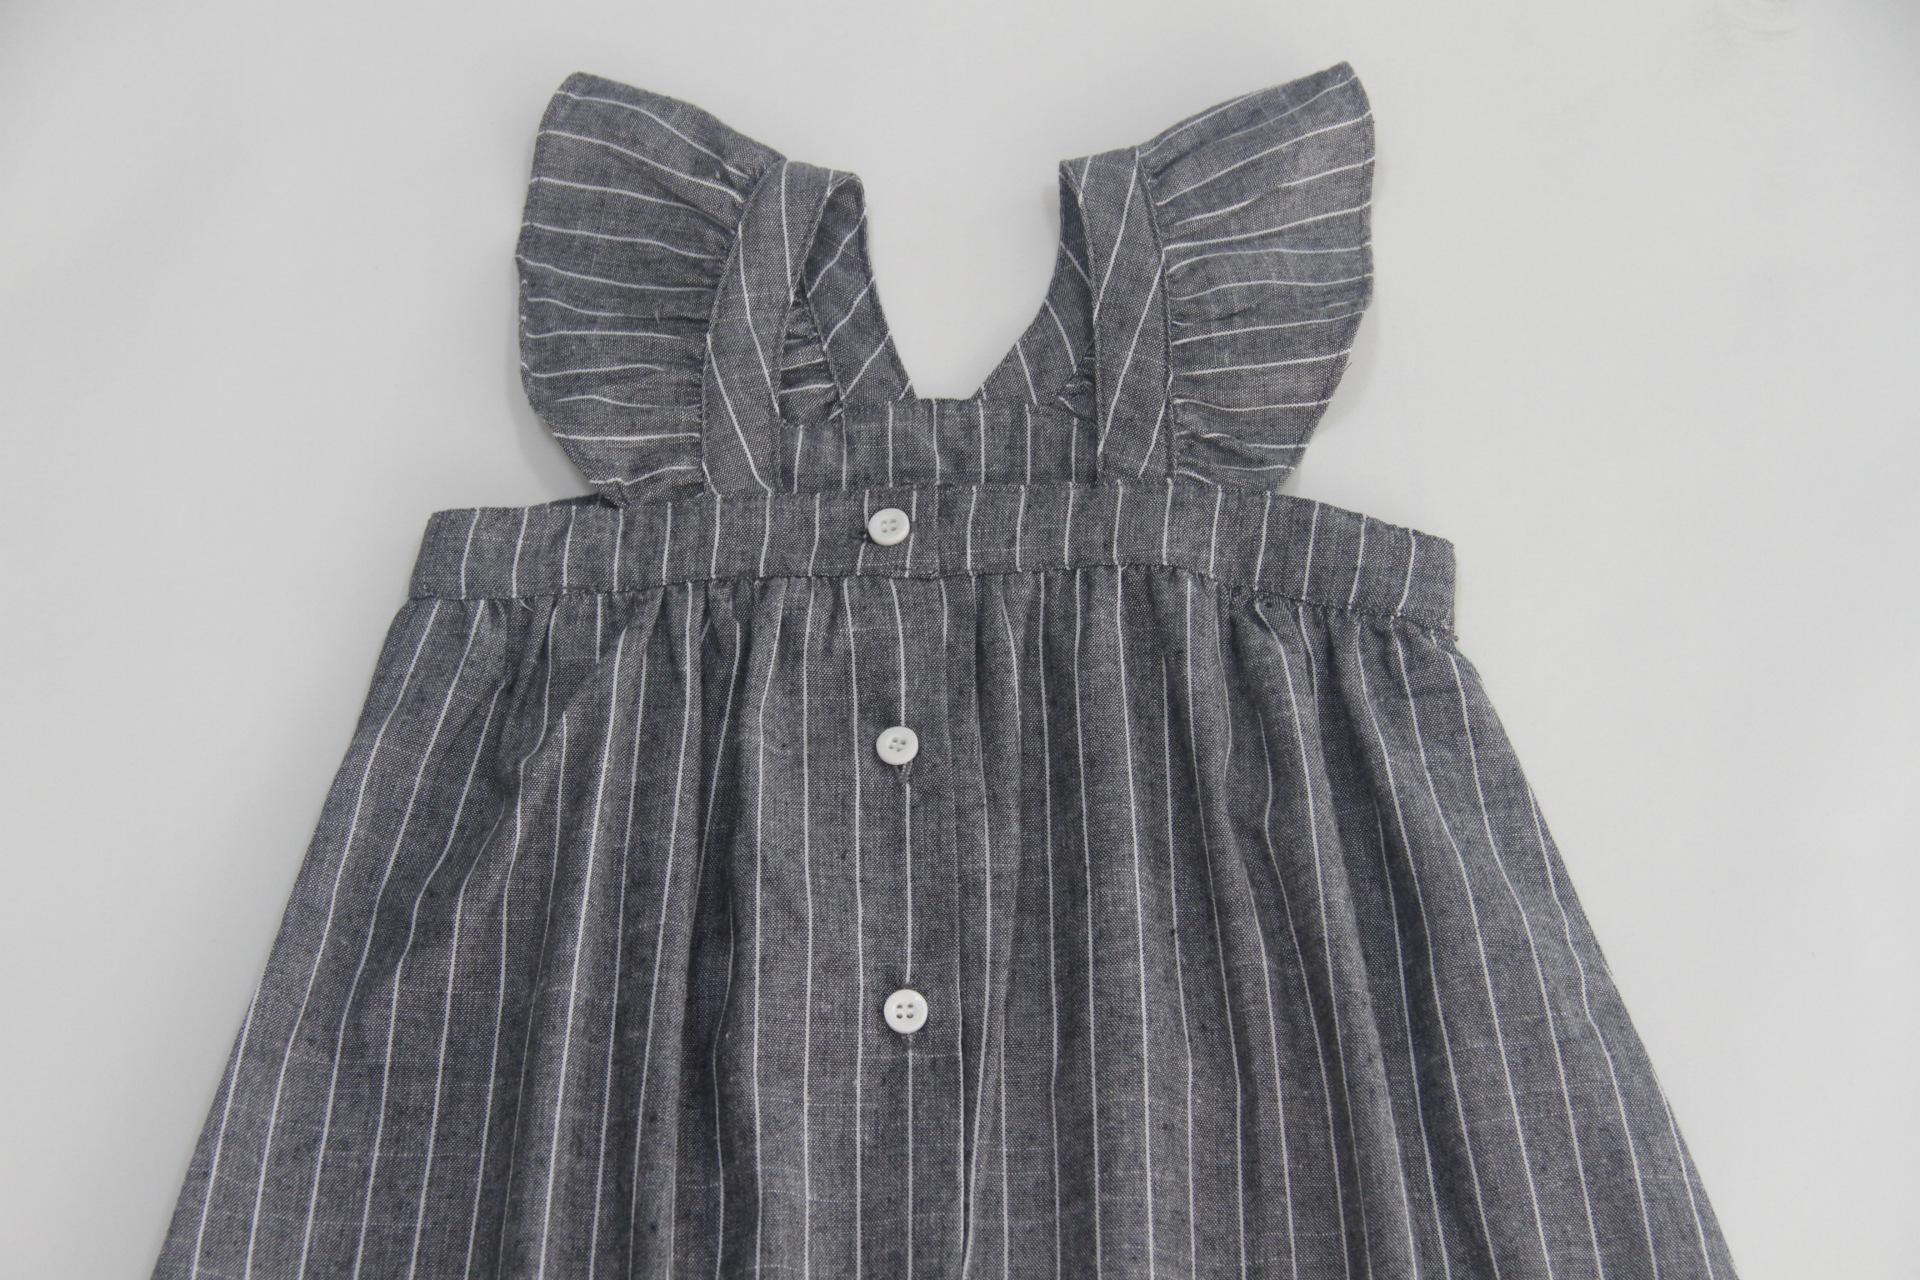 cotton linen ruffles korean kids clothes big children dresses girls new 2019 summer baby girls Teens dress stripe party frocks